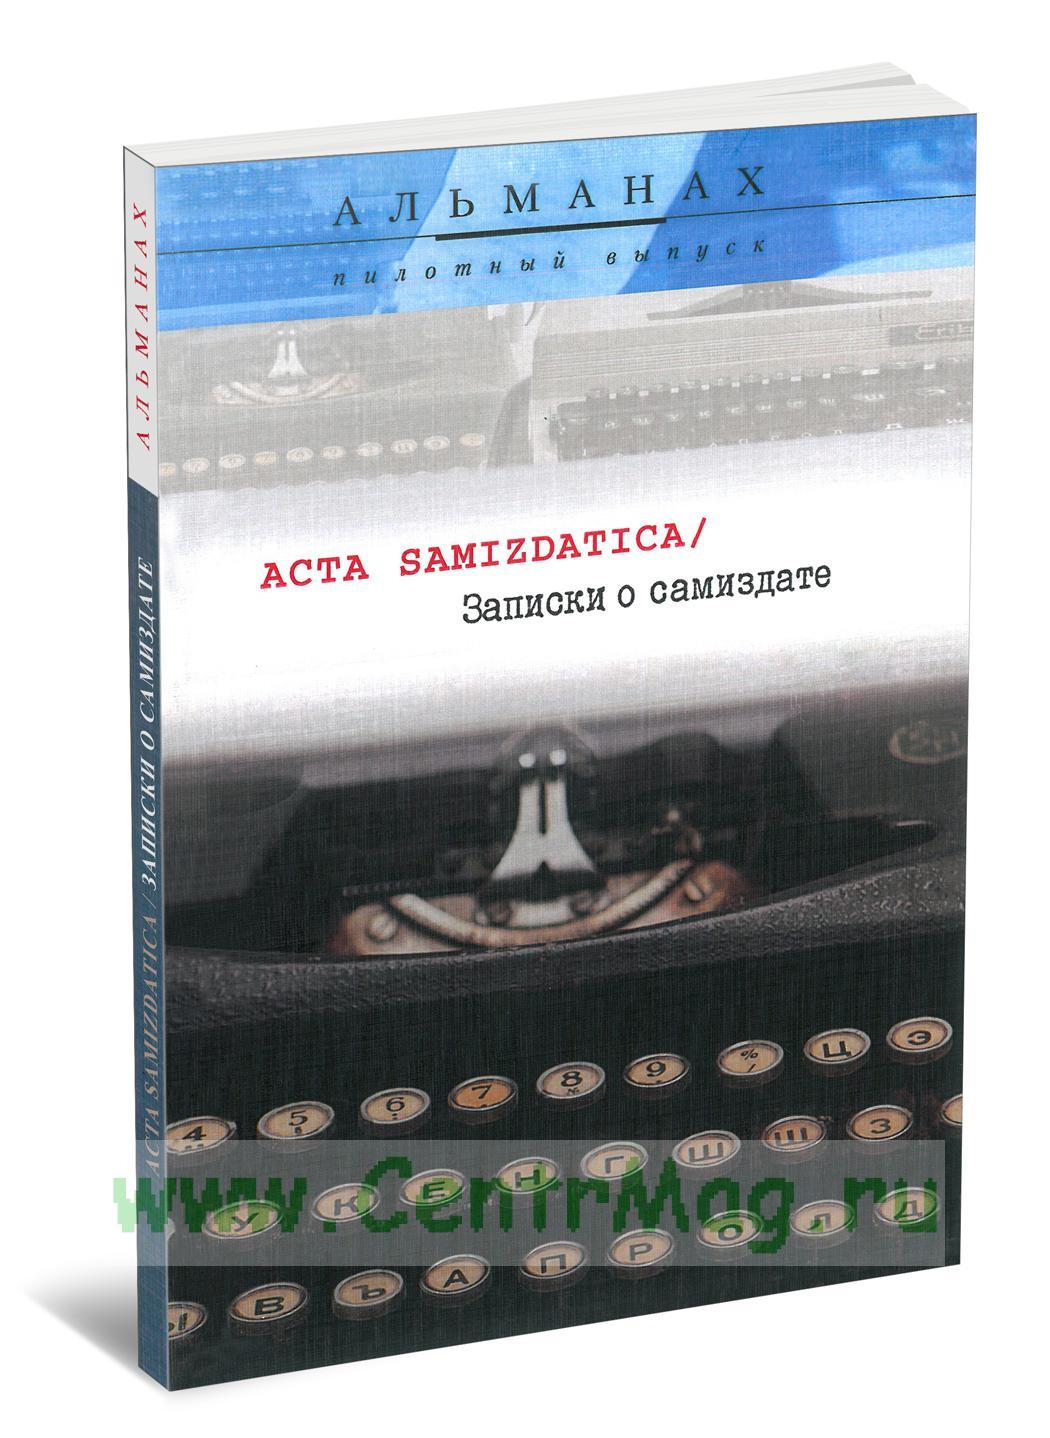 Записки о самиздате/ Acta samizdatica: альманах, пилотный выпуск